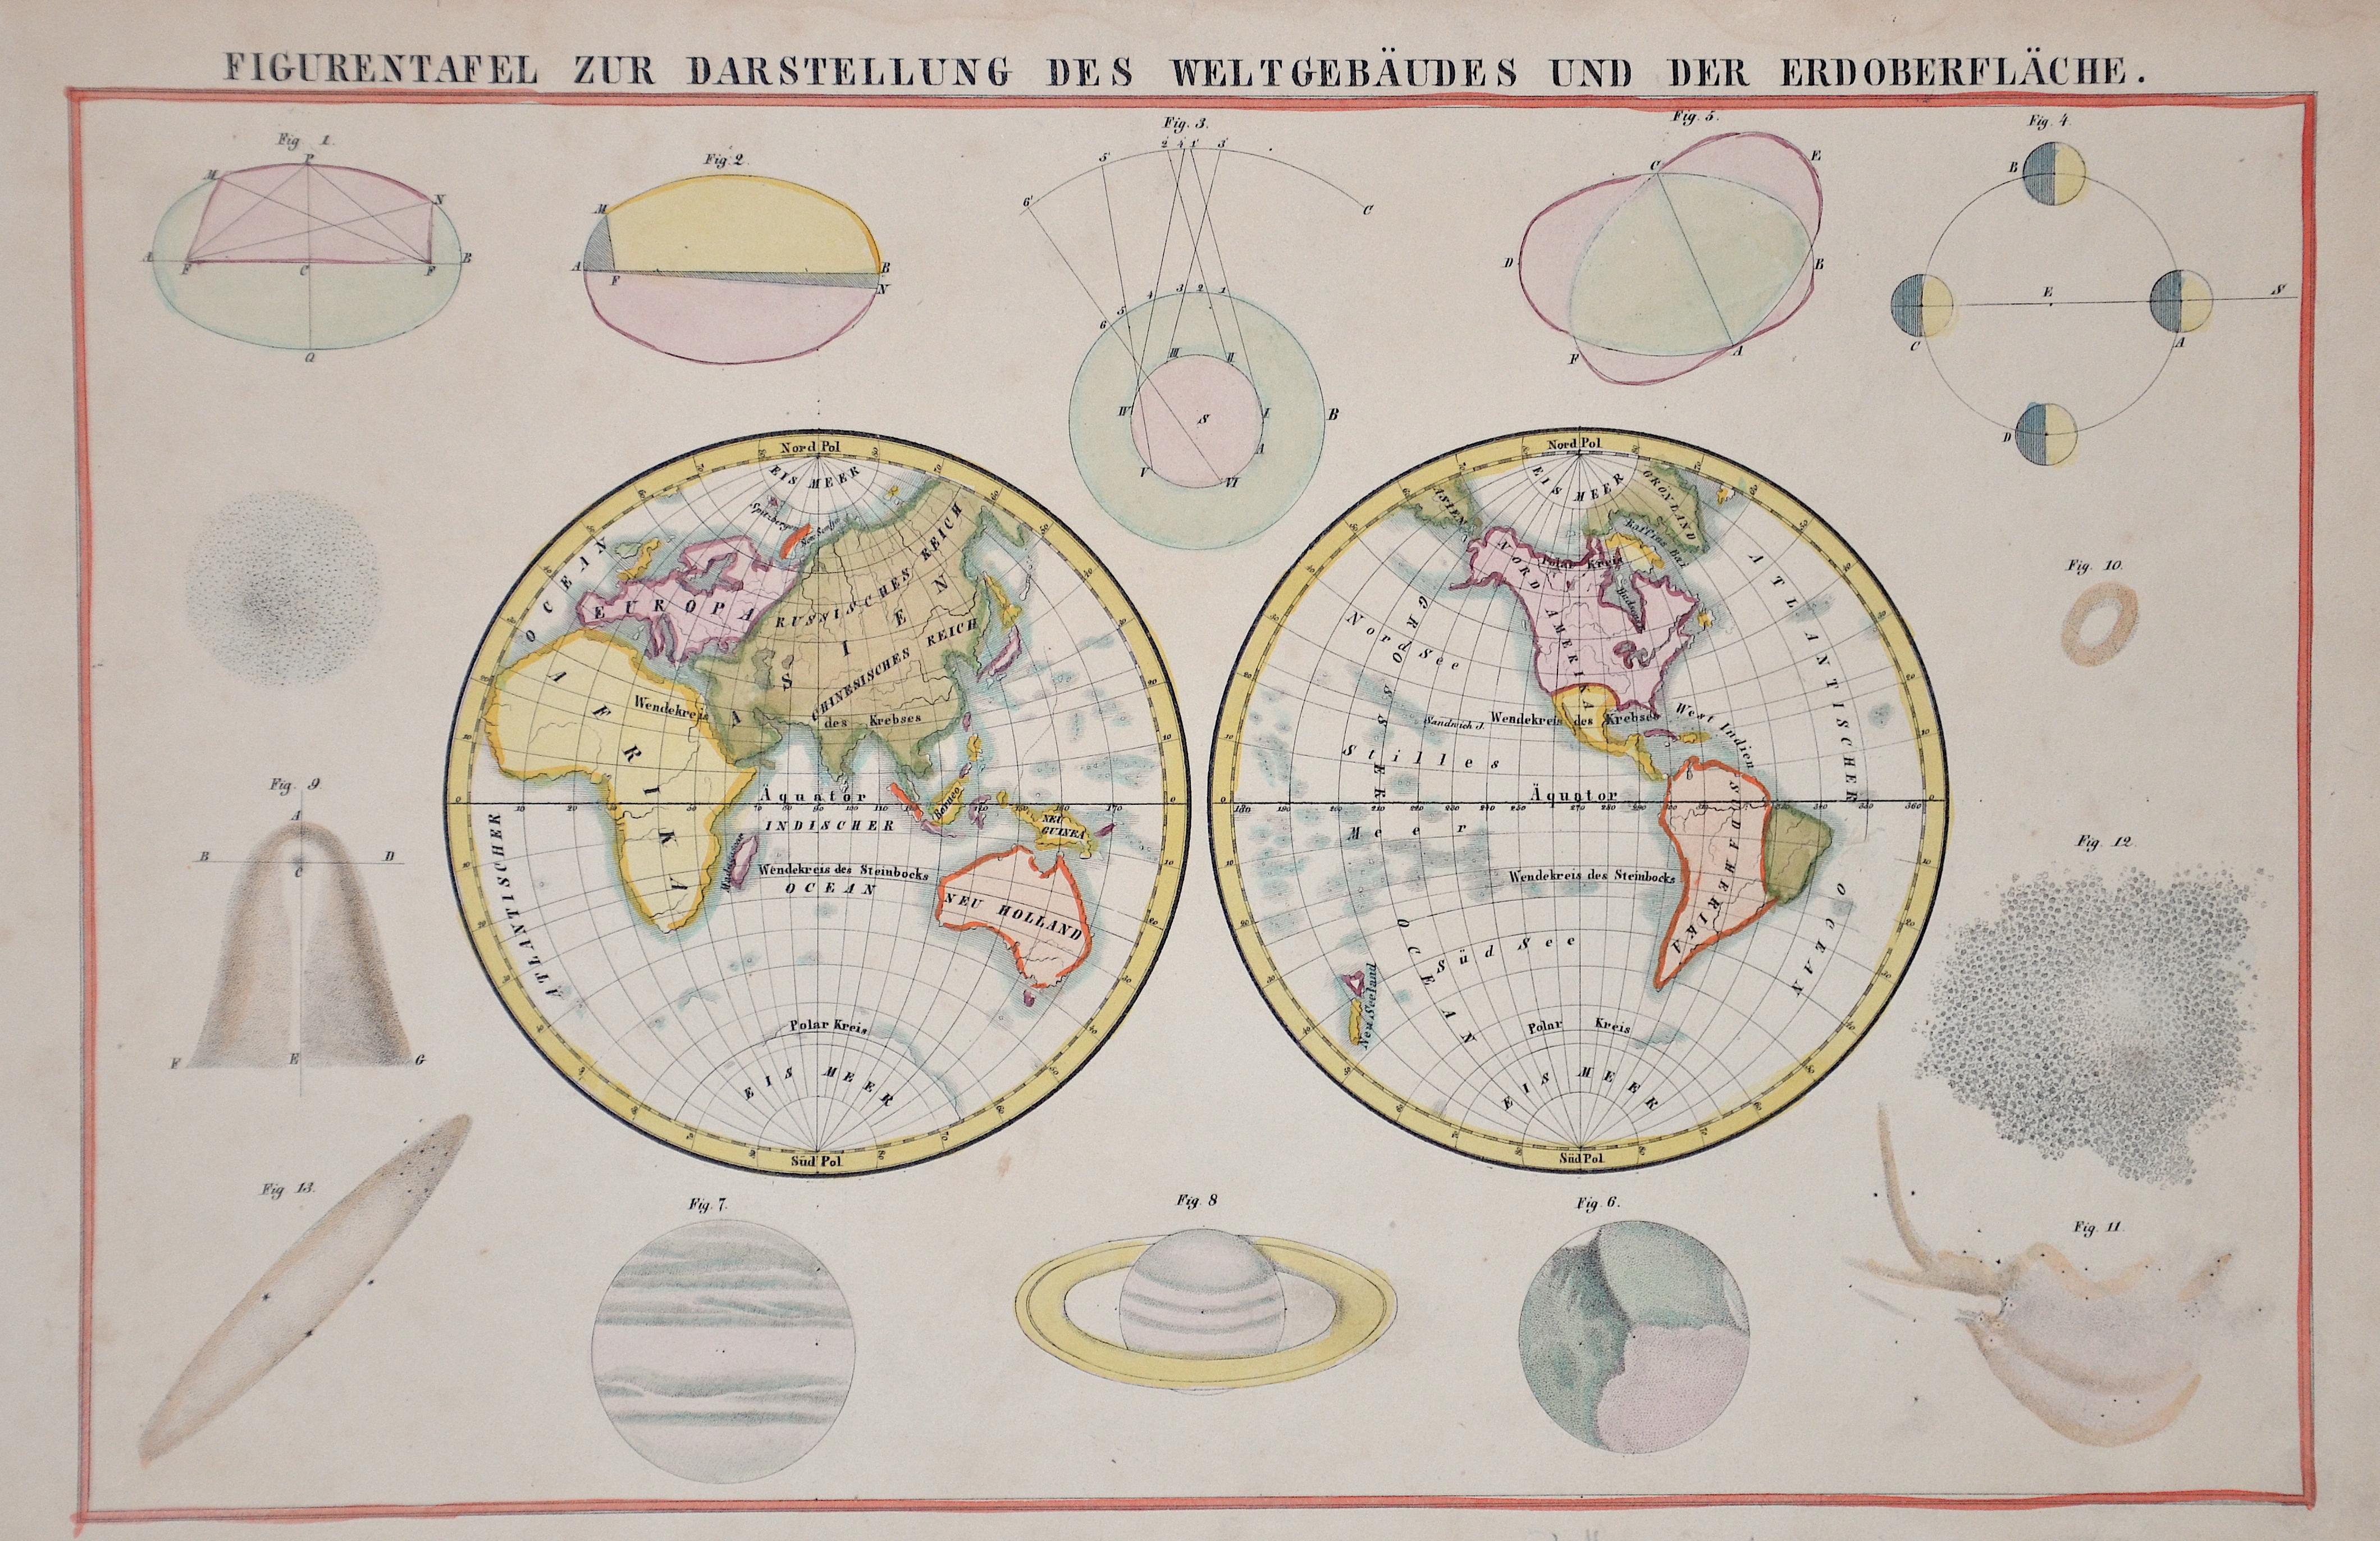 Anonymus  Figurentafel zur Darstellung des Weltgebäudes und der Erdoberfläche